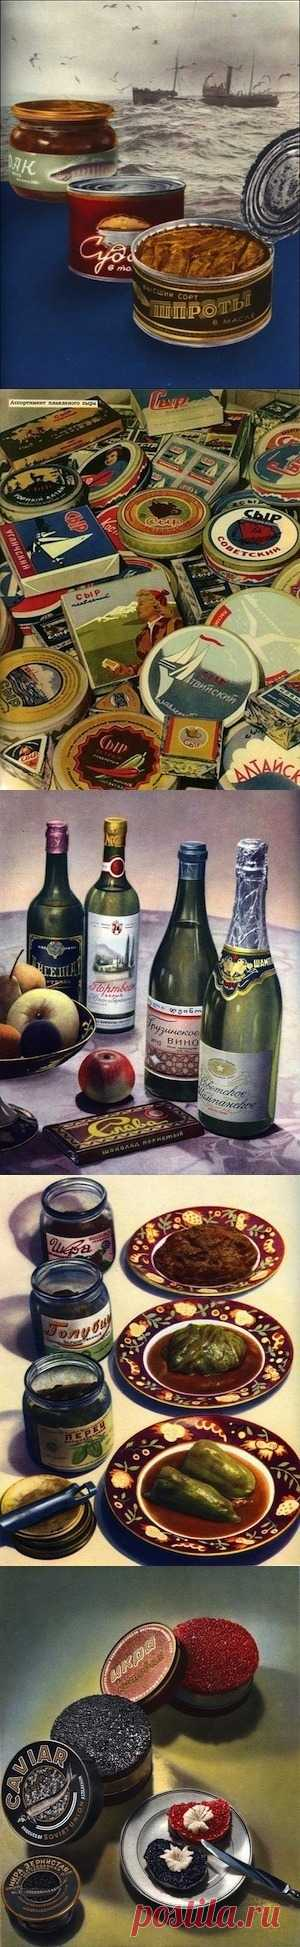 Реклама еды советских времен :)